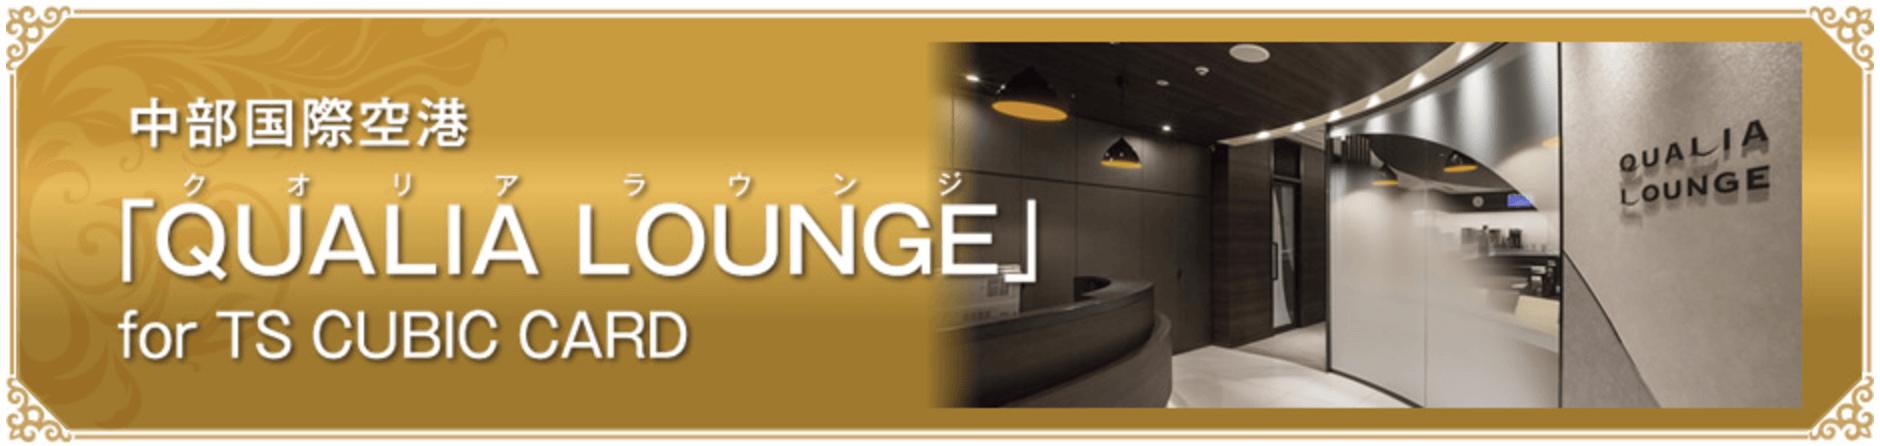 トヨタ ゴールドカード 中部国際空港 QUALIA LOUNGE